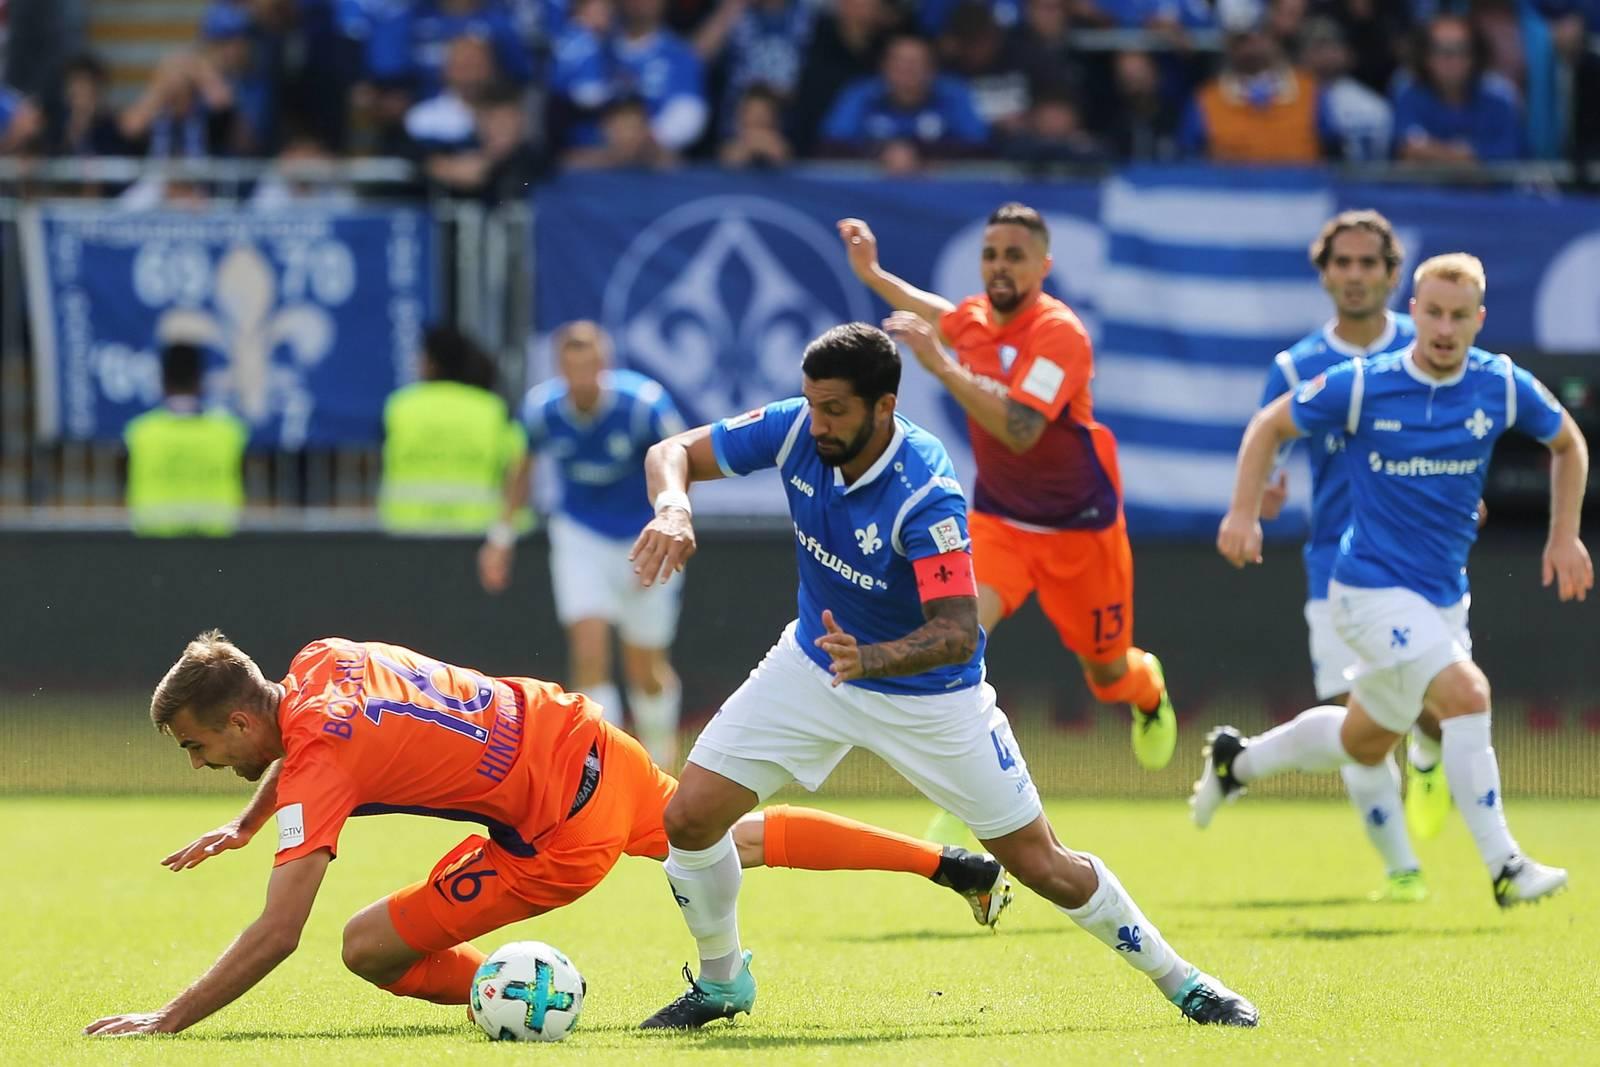 Soi kèo Bochum vs Nurnberg